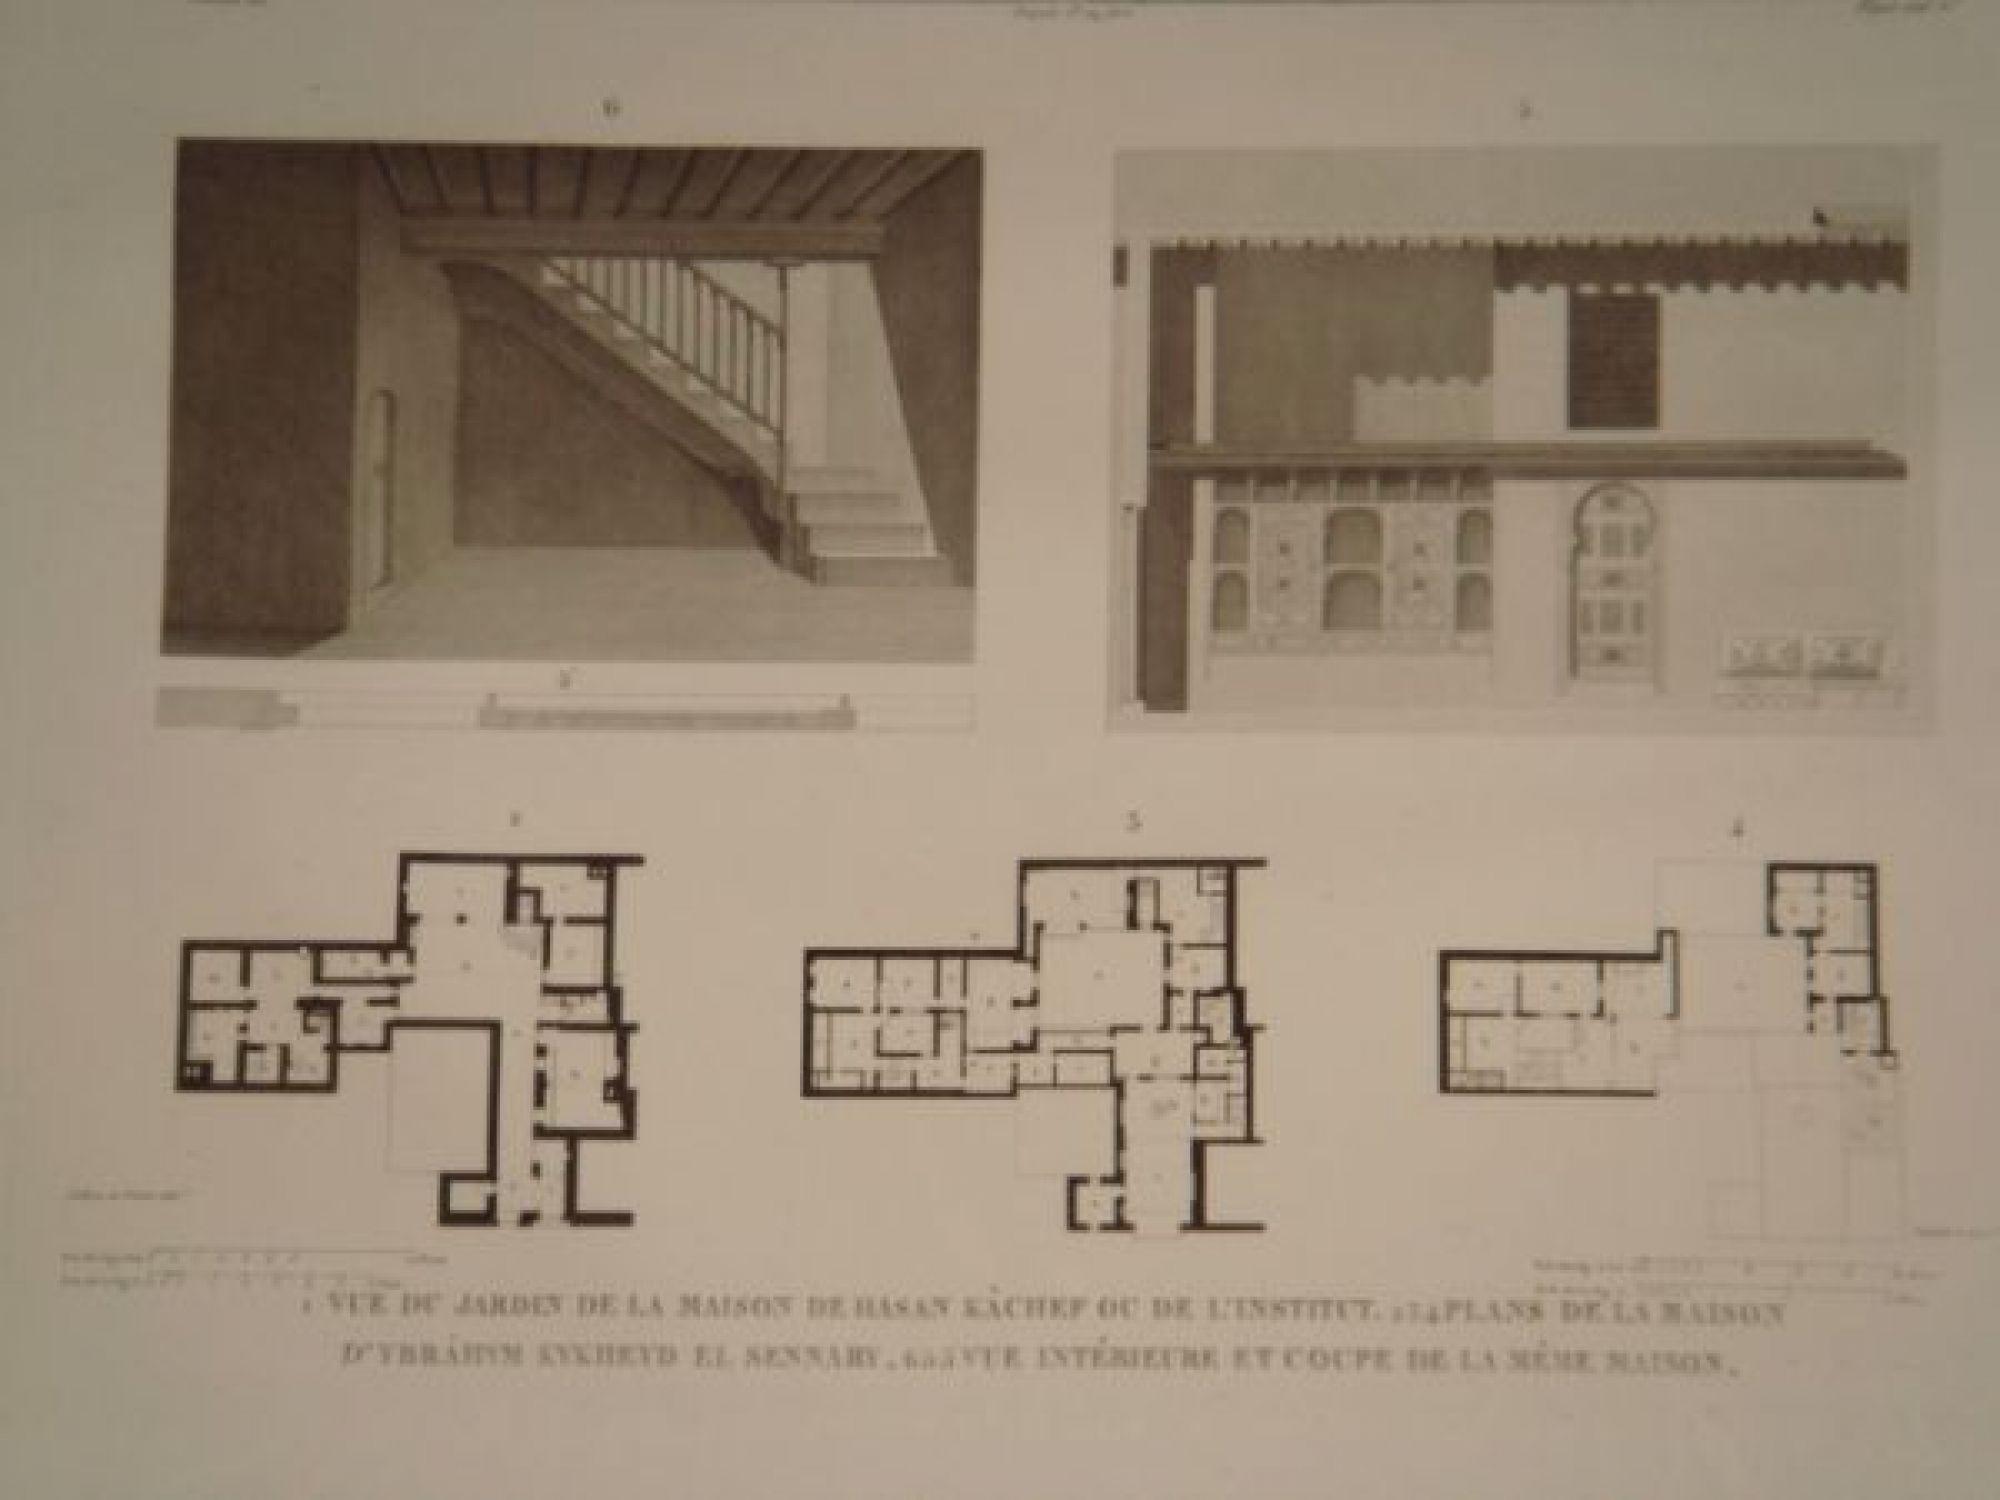 Plan de maison originale vue du jardin plan maison plan - Maison jardin house plan villeurbanne ...